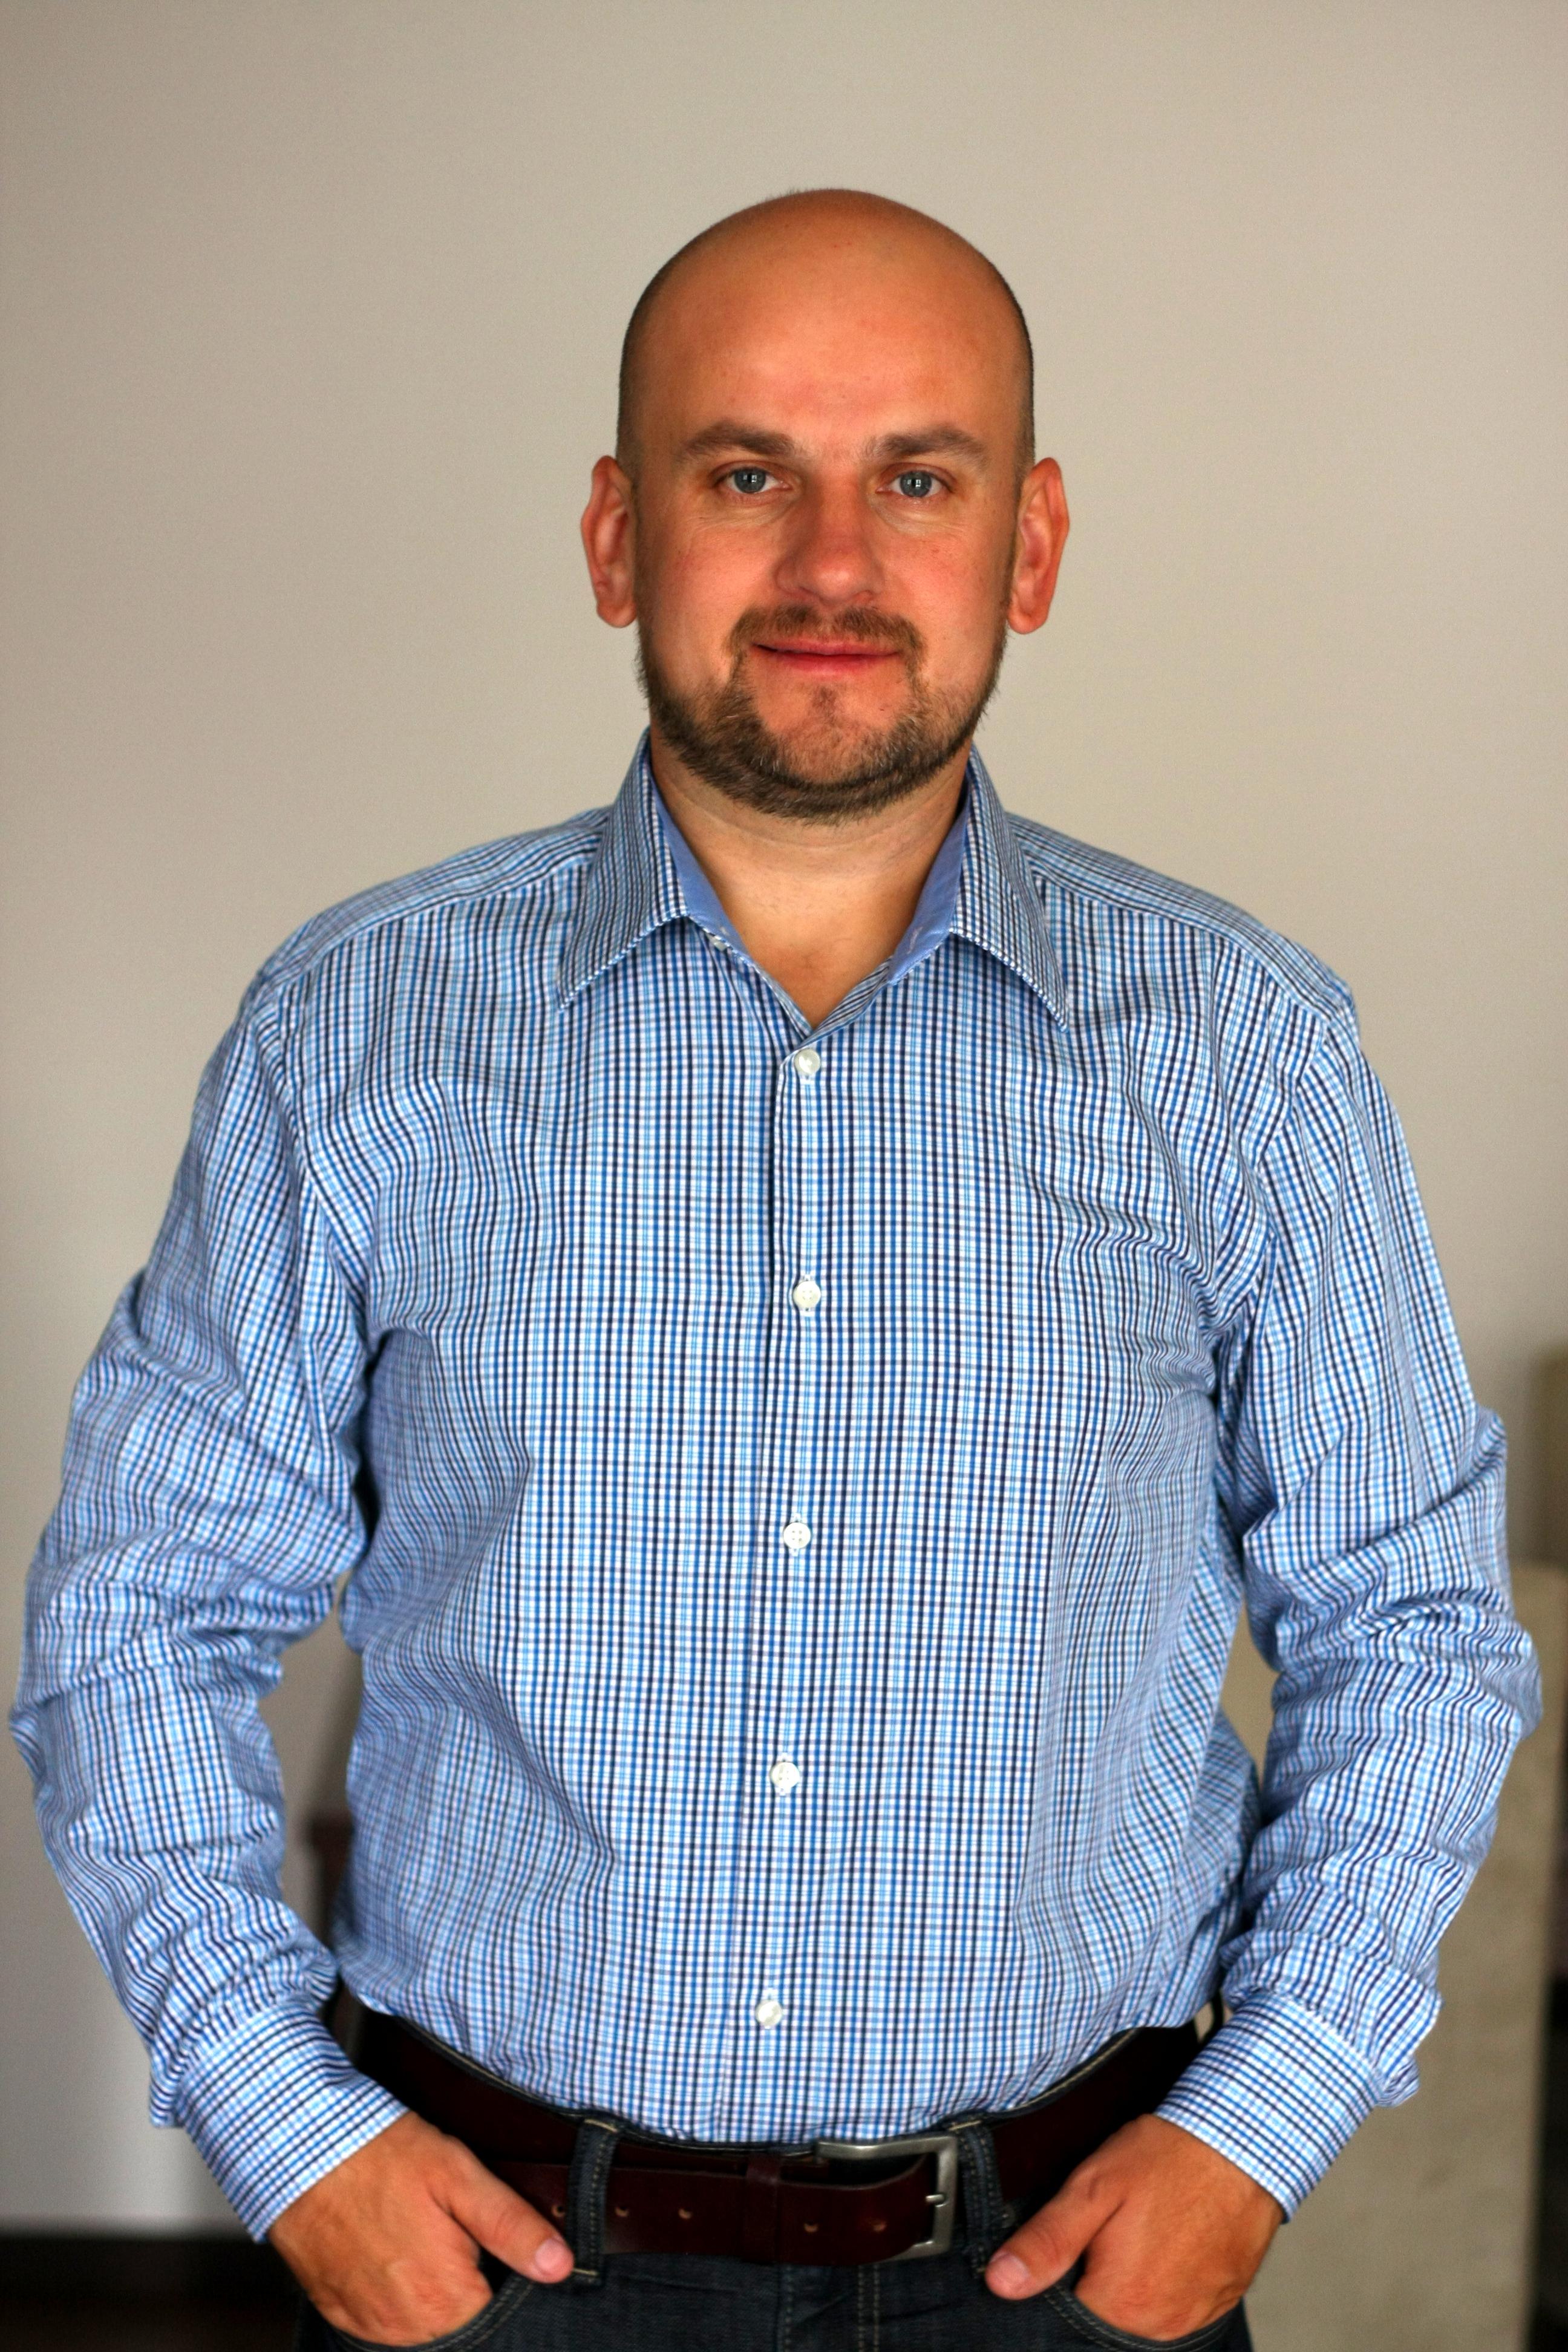 Nowy dyrektor sprzedaży rozwiązań IT w Ericssonie